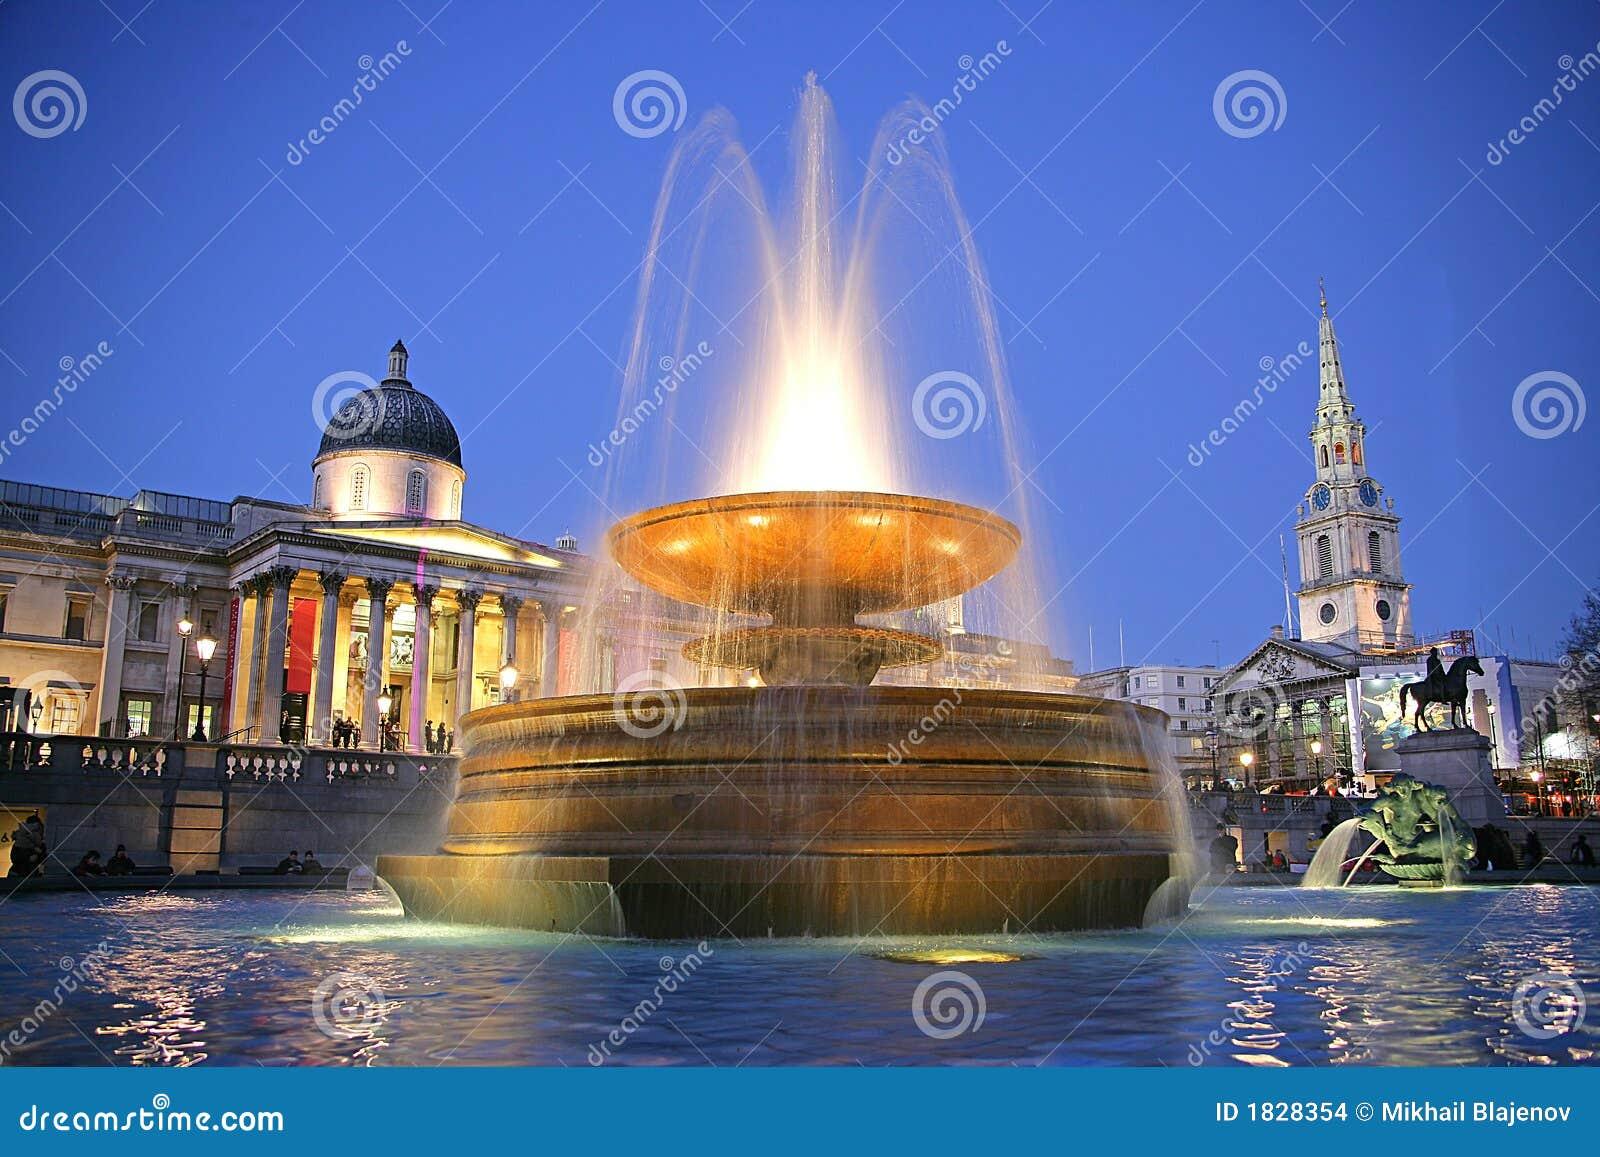 Trafalgar Square at Night 1